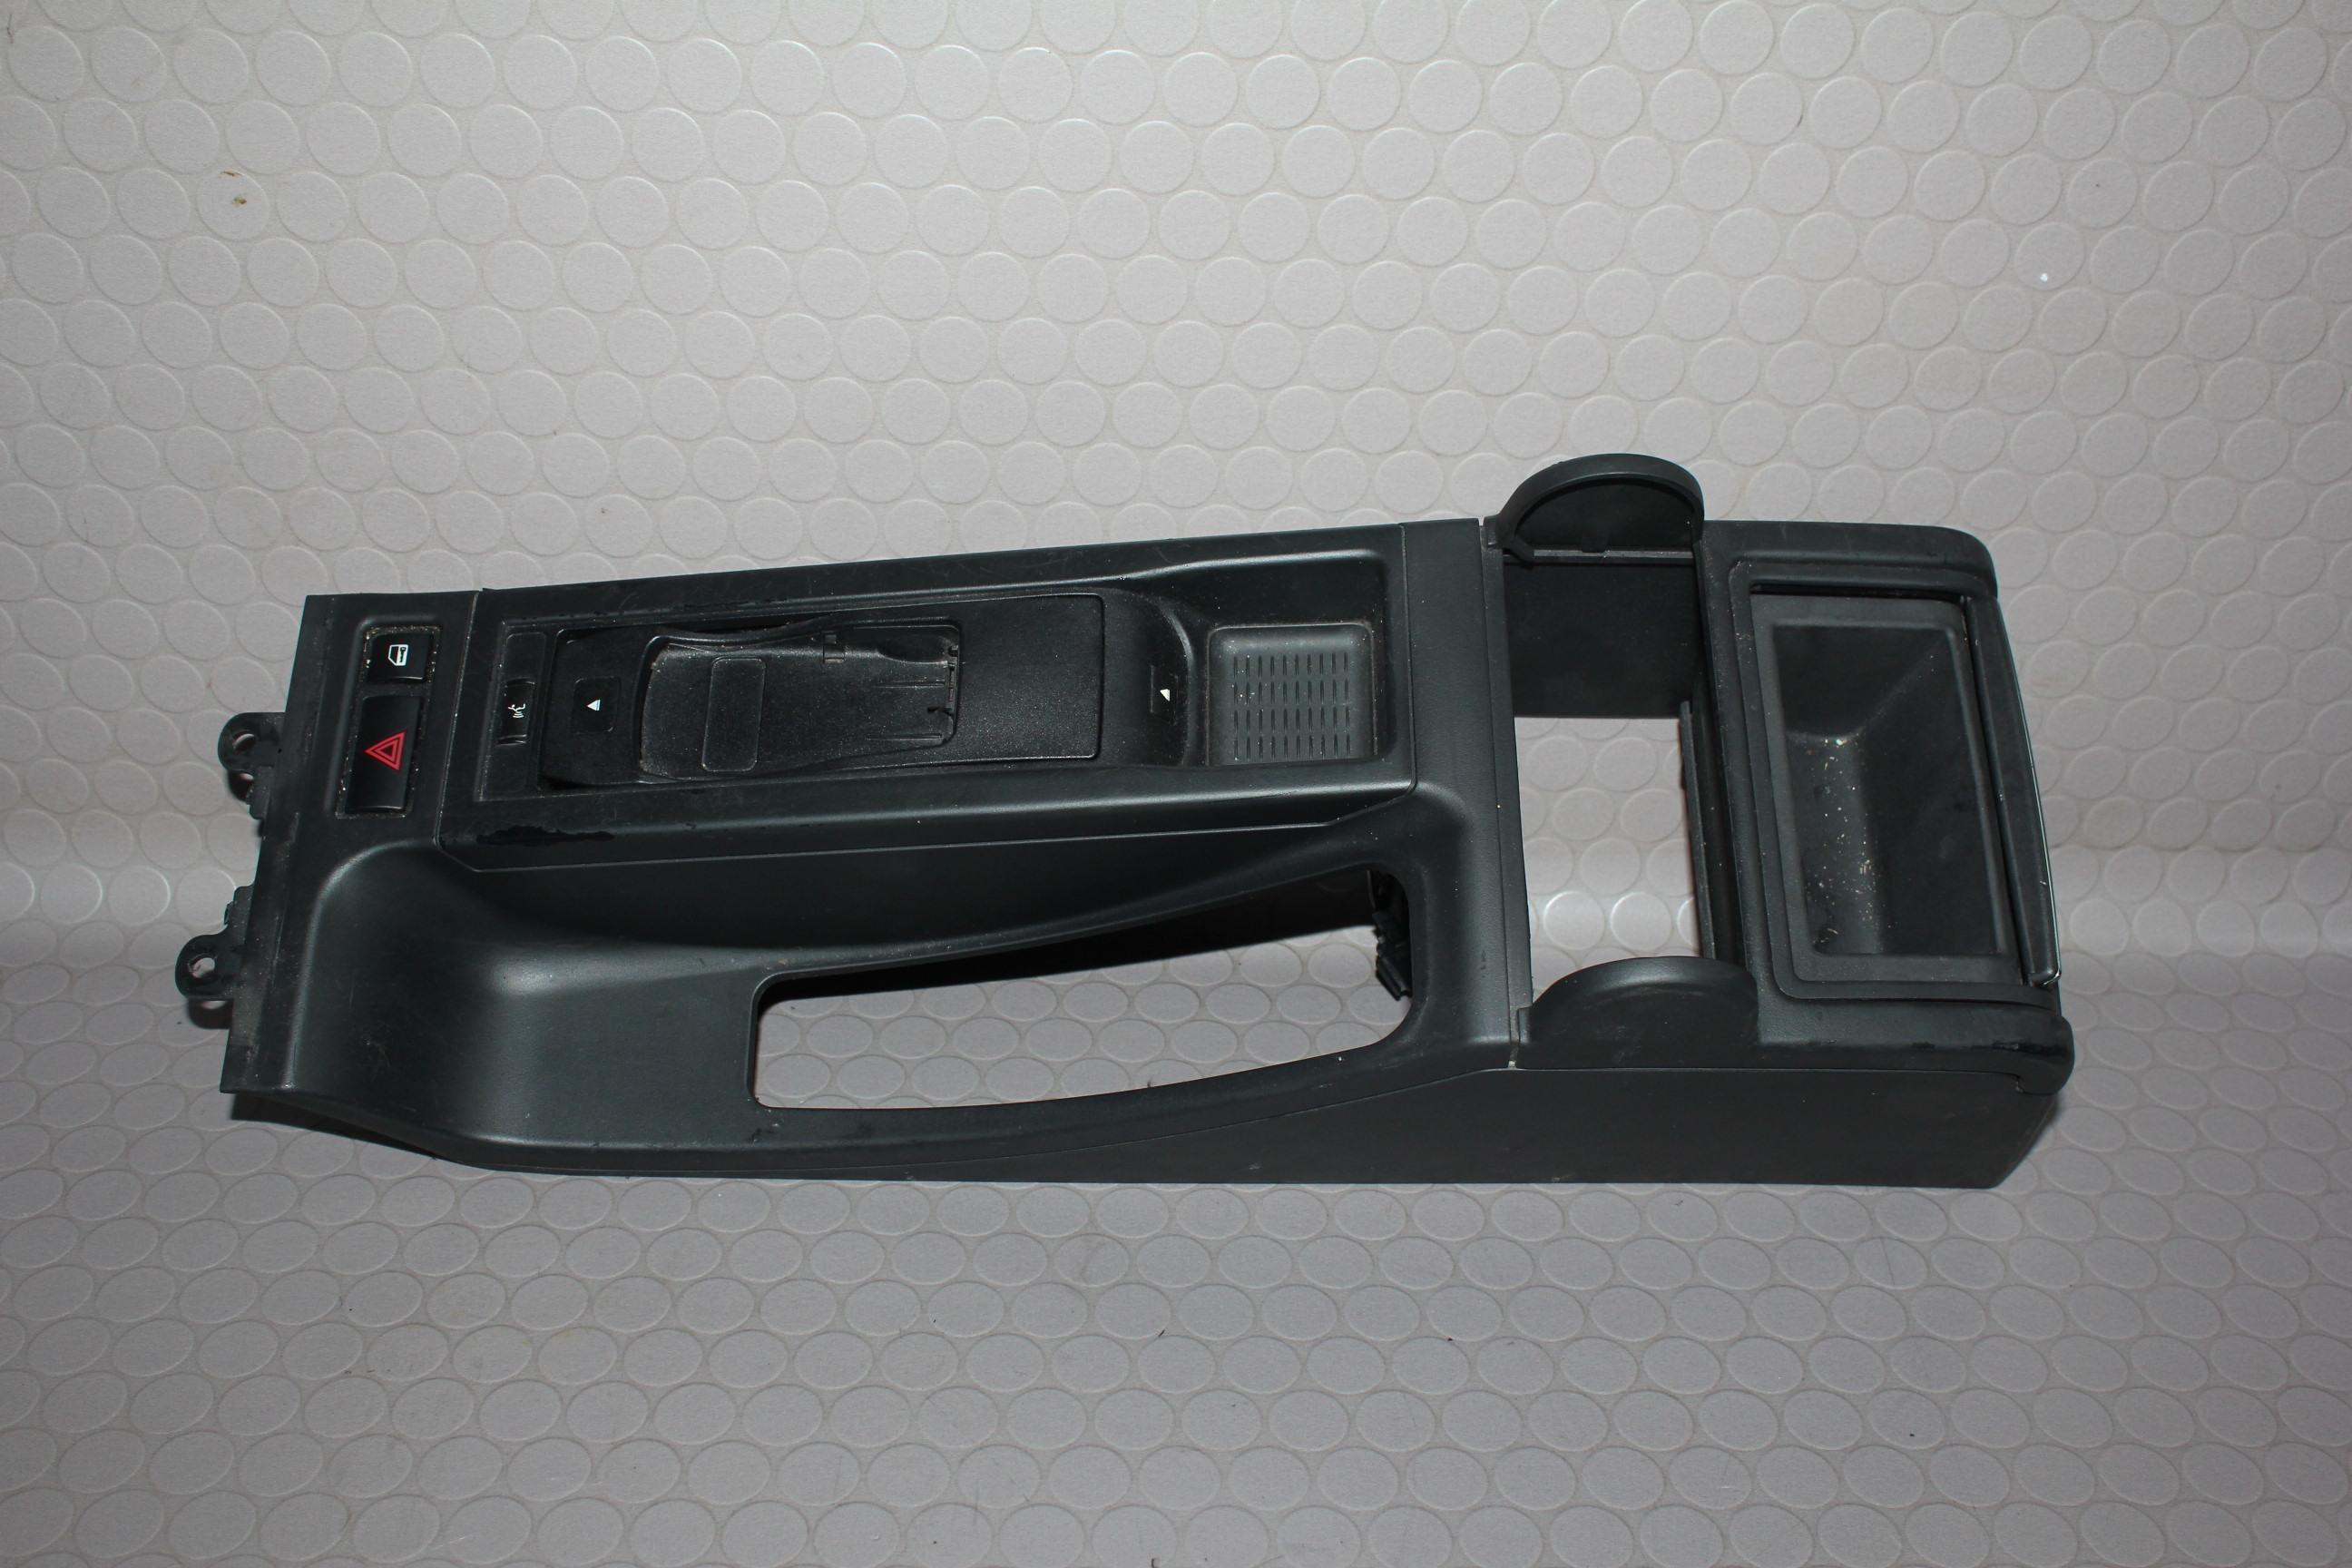 Bmw e46 320d 110kw bracciolo centrale console travestimento 8213680 ebay - Console centrale bmw e46 ...